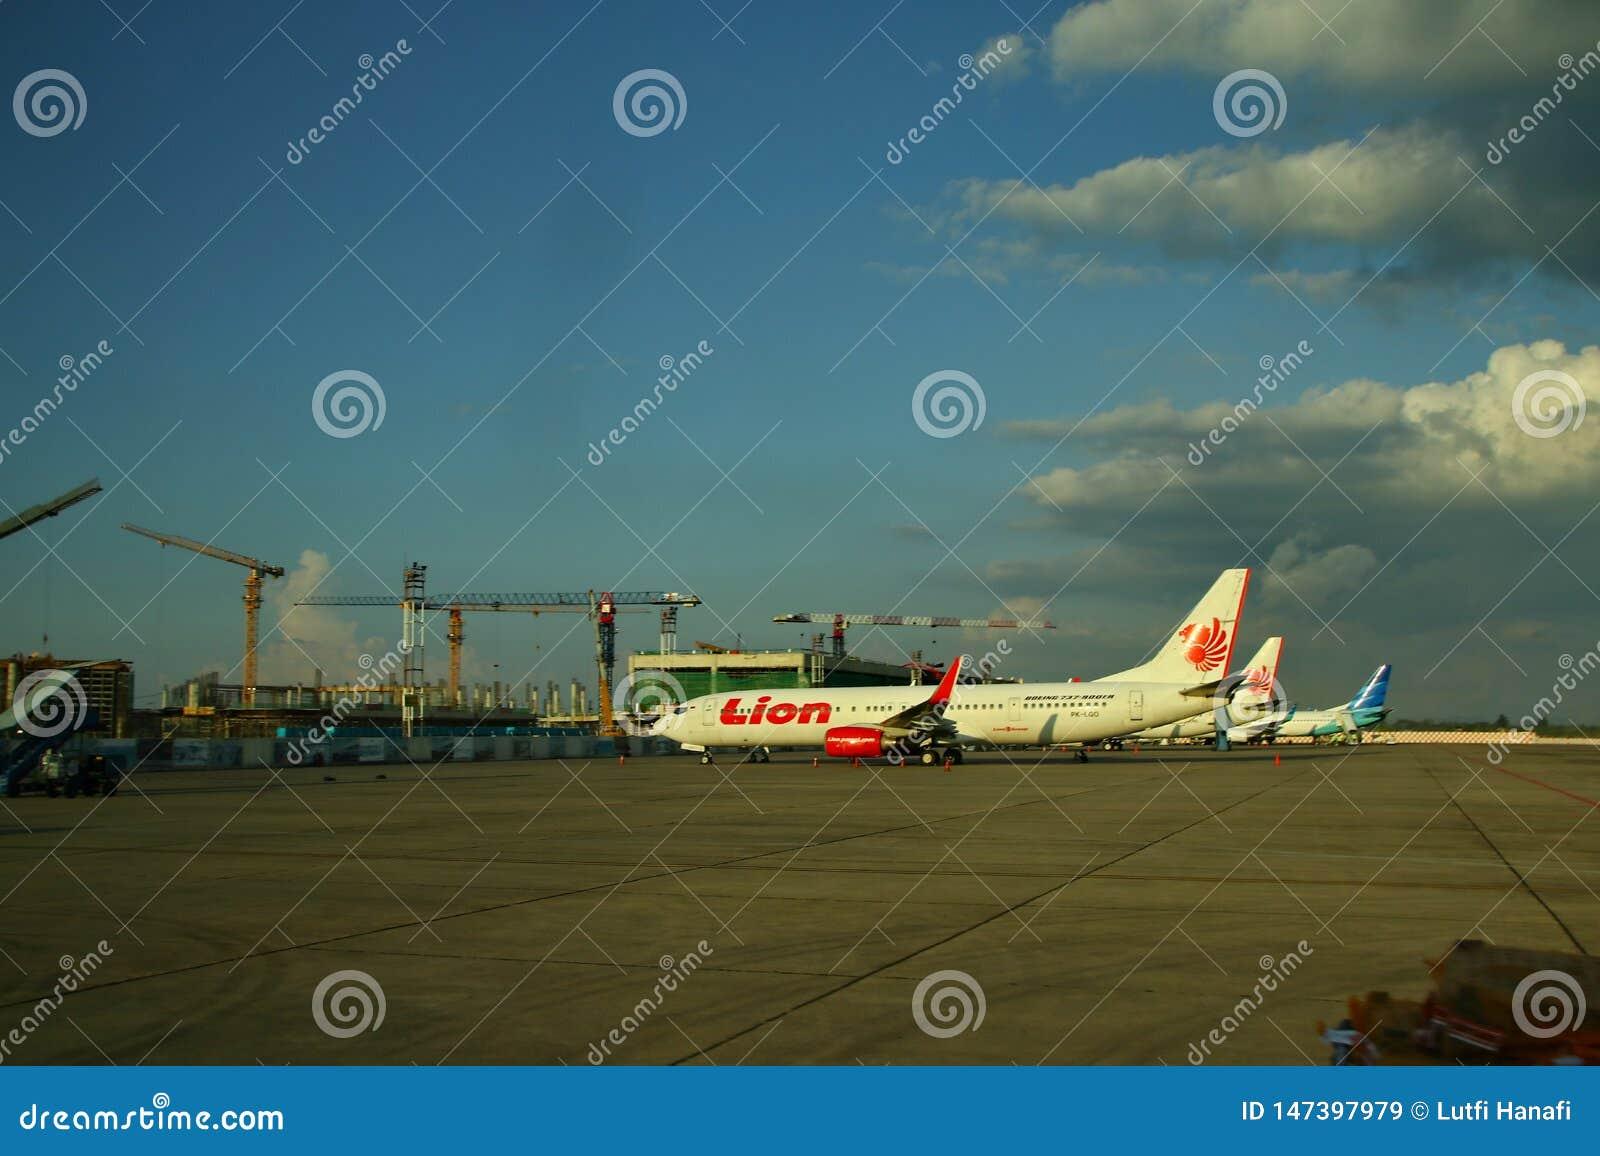 De arbeiders bij de vliegtuigluchthaven, Soekarno Hatta, die van achter het glas werd gefotografeerd